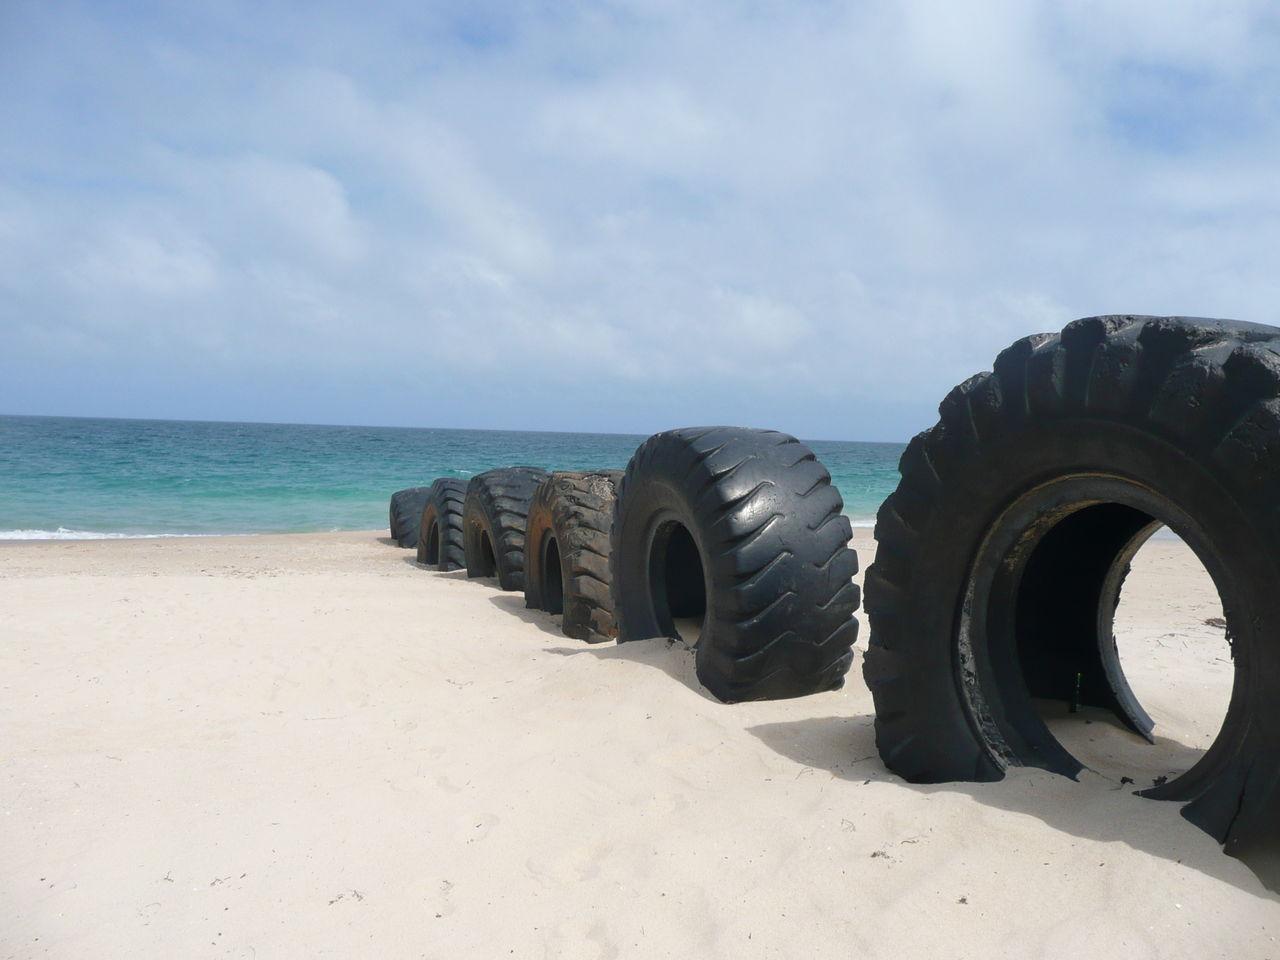 Beach Sand Sea Sky Tire Tractor Tires On Beach